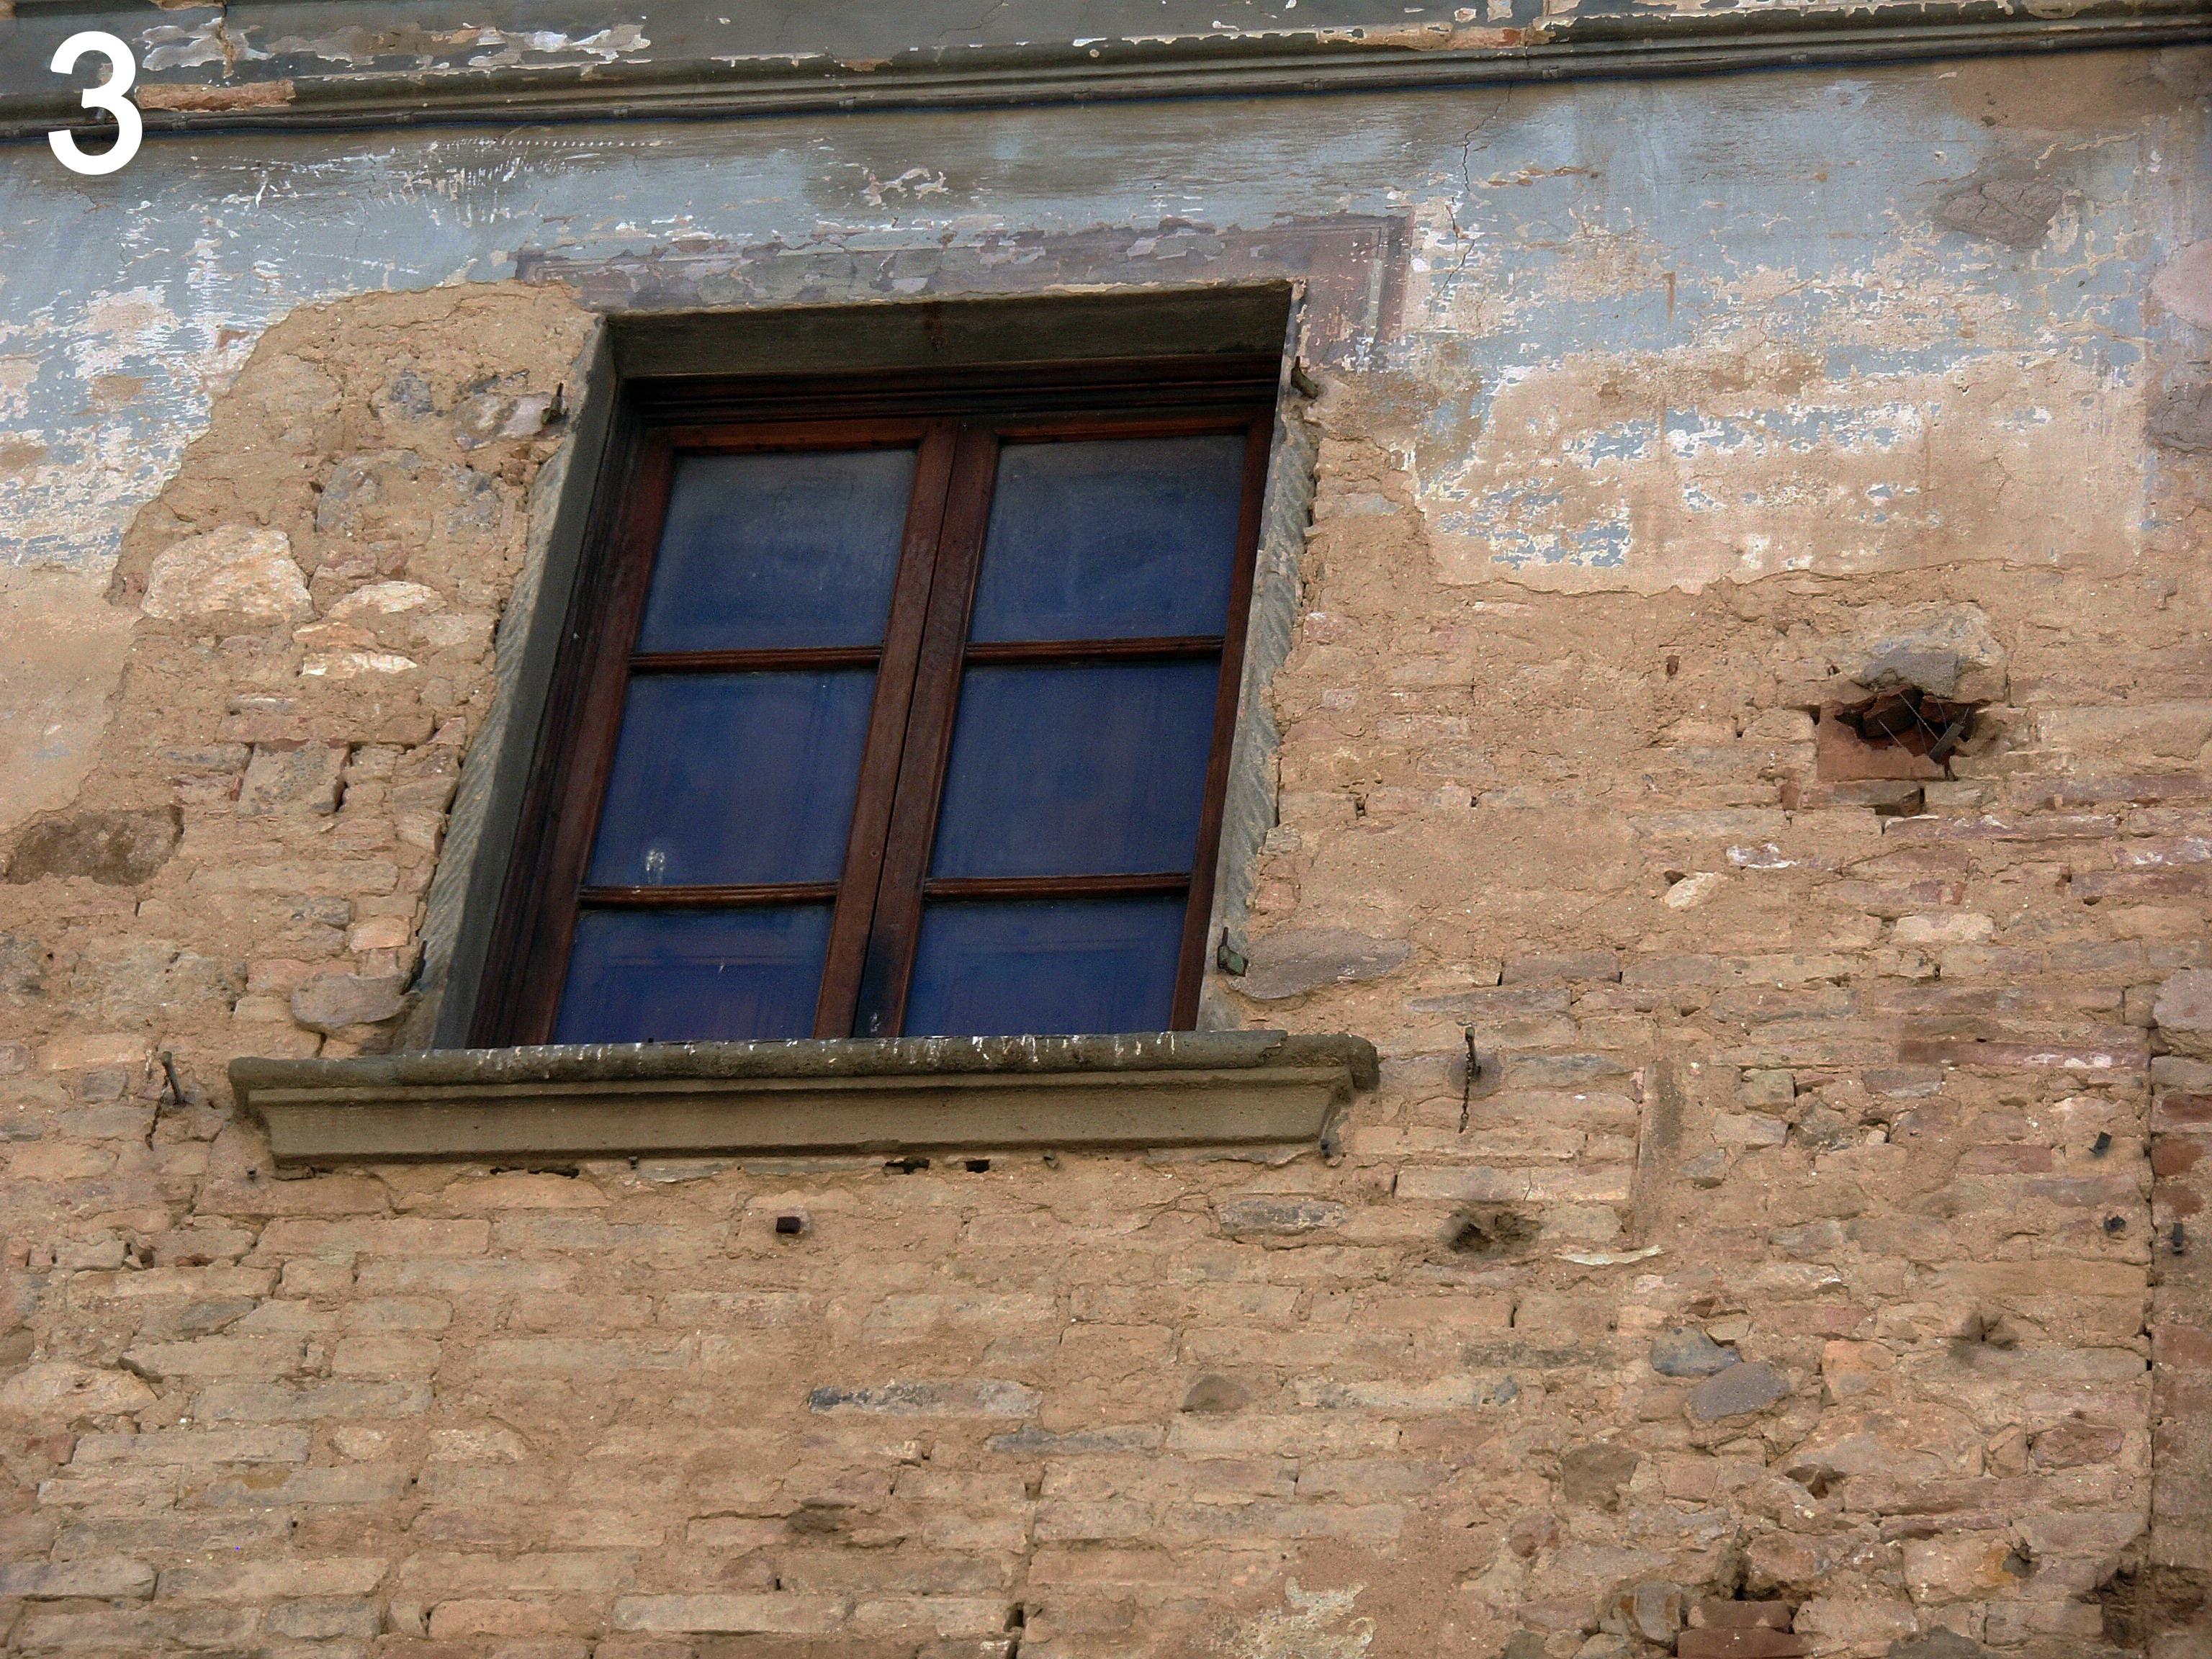 La calce blu nell edilizia tradizionale urbana e rurale for Banca della calce